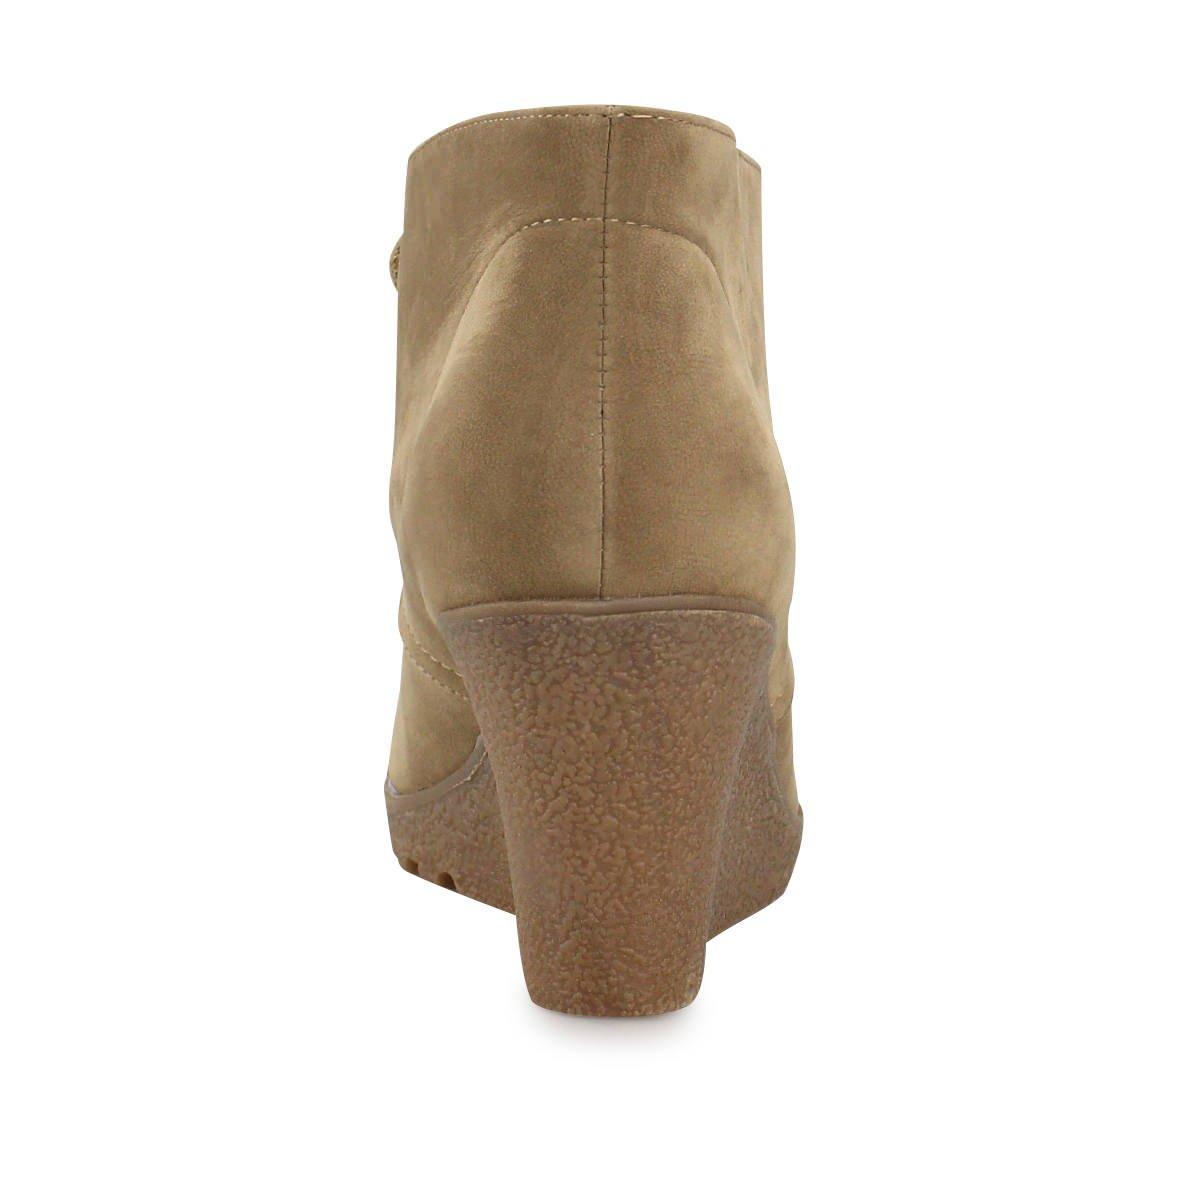 Keilstiefeletten in Velours-Optik - Schöne Stiefeletten mit Keilsohle zum Schnüren  passen zur Jeans genauso wie zum Rock khaki 41  Amazon.de  Schuhe   ... f620afc3fb